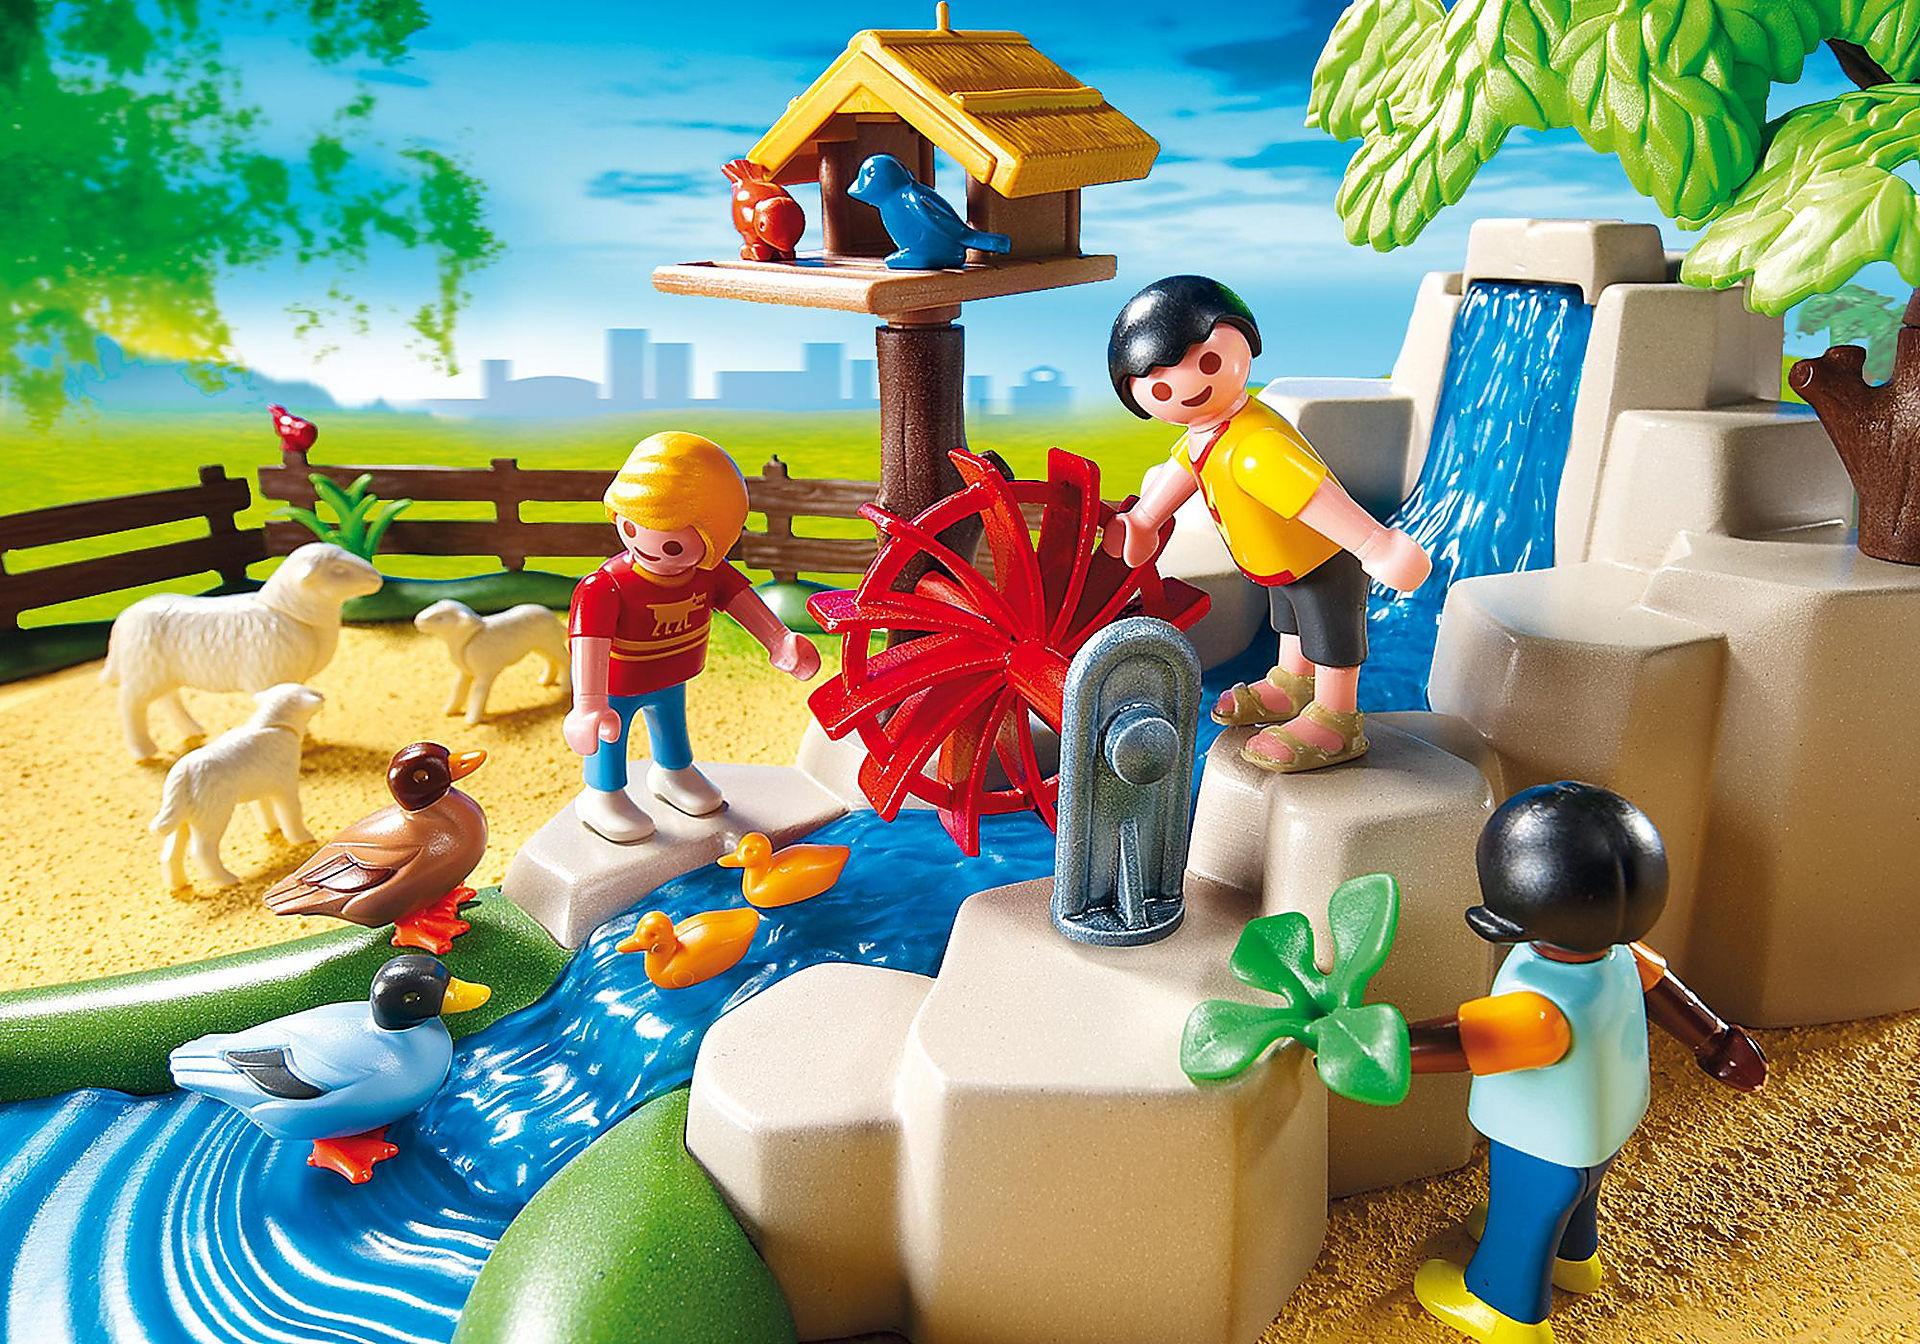 4851 Parc animalier avec famille zoom image6